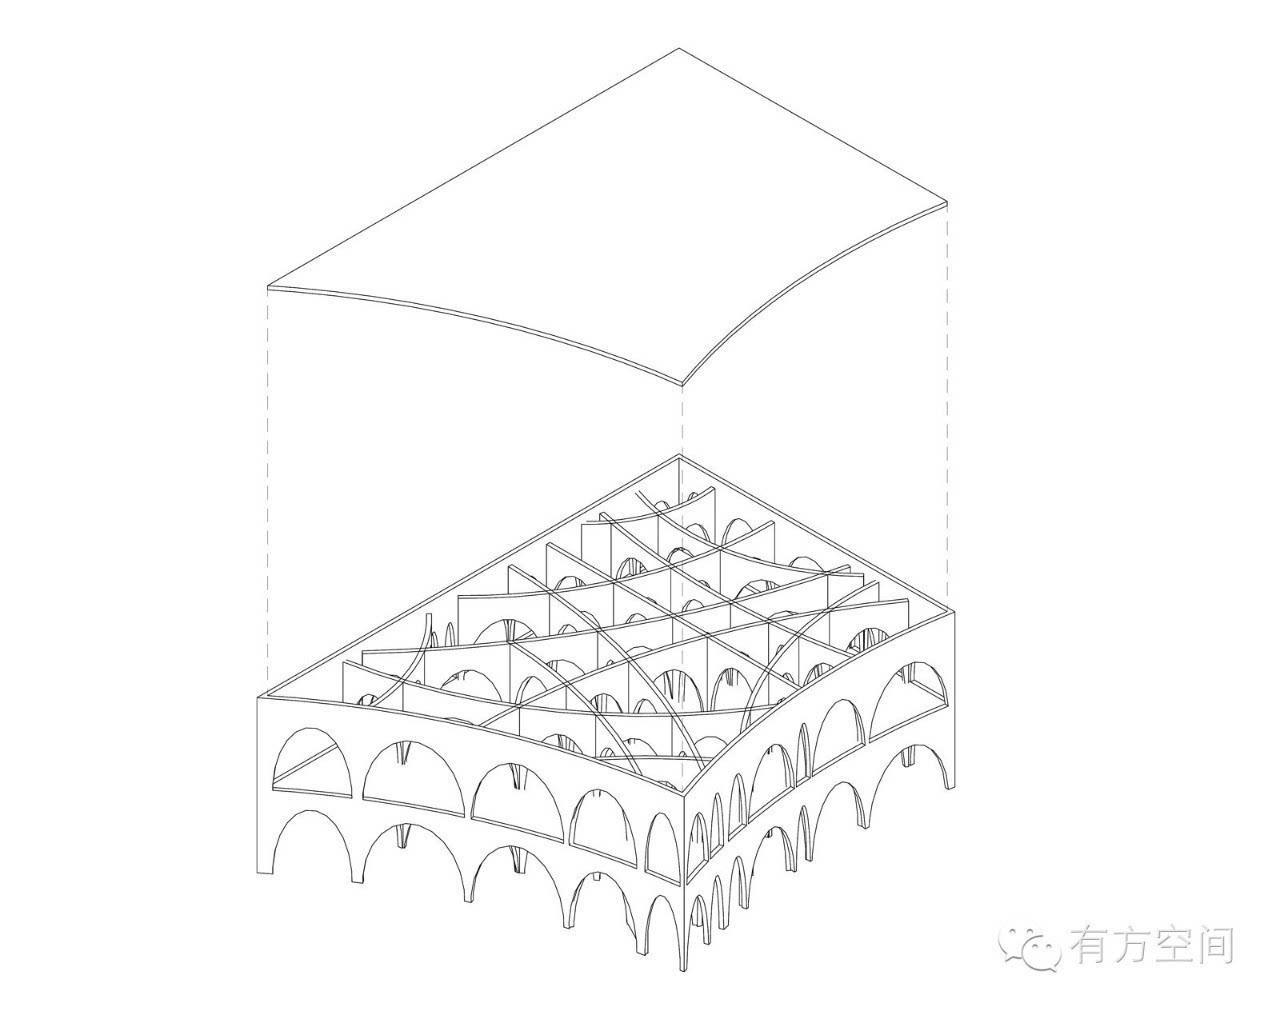 工程图 简笔画 平面图 手绘 线稿 1280_1011